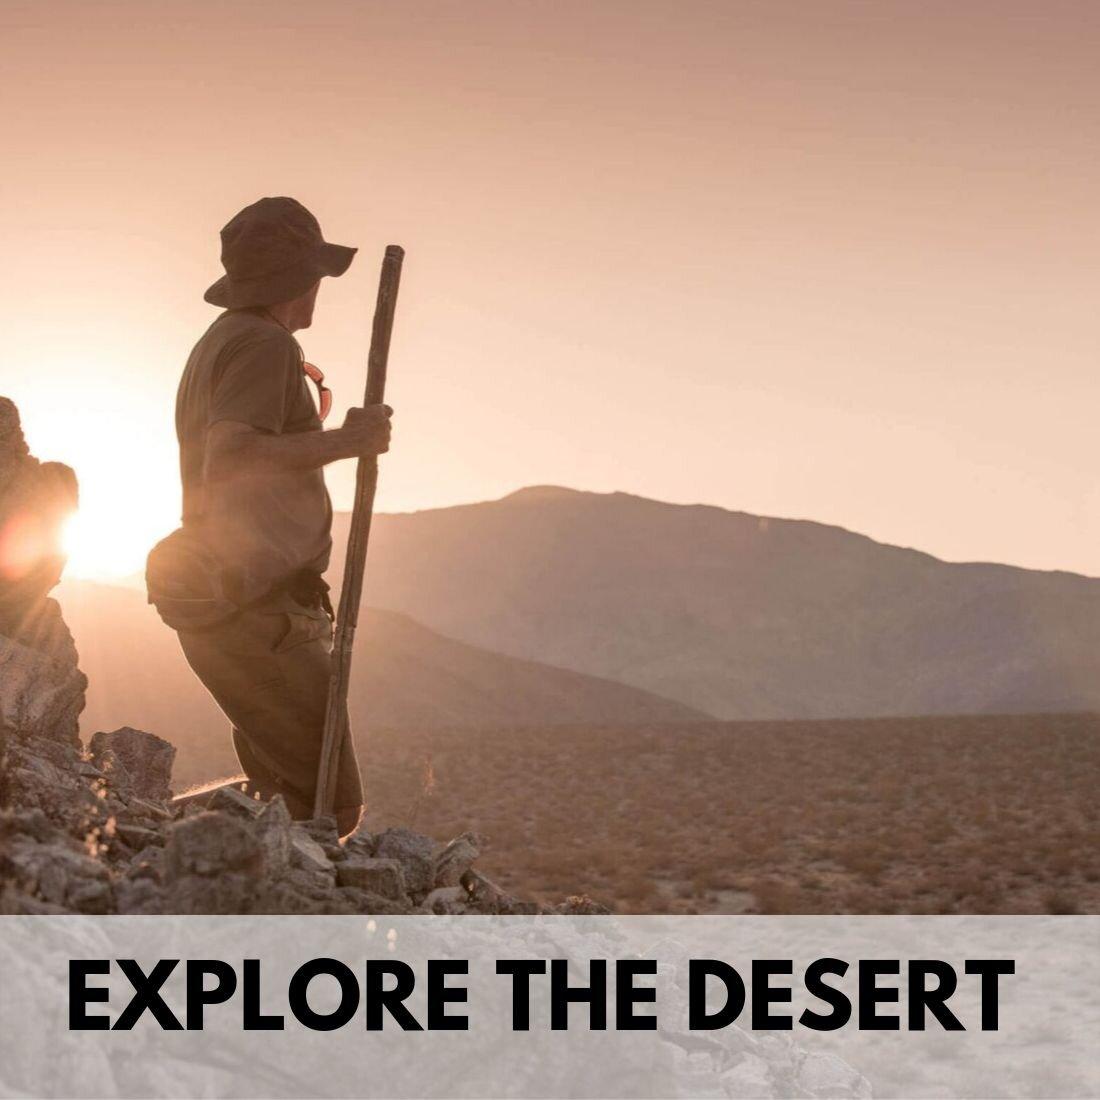 Explore the desert (1).jpg